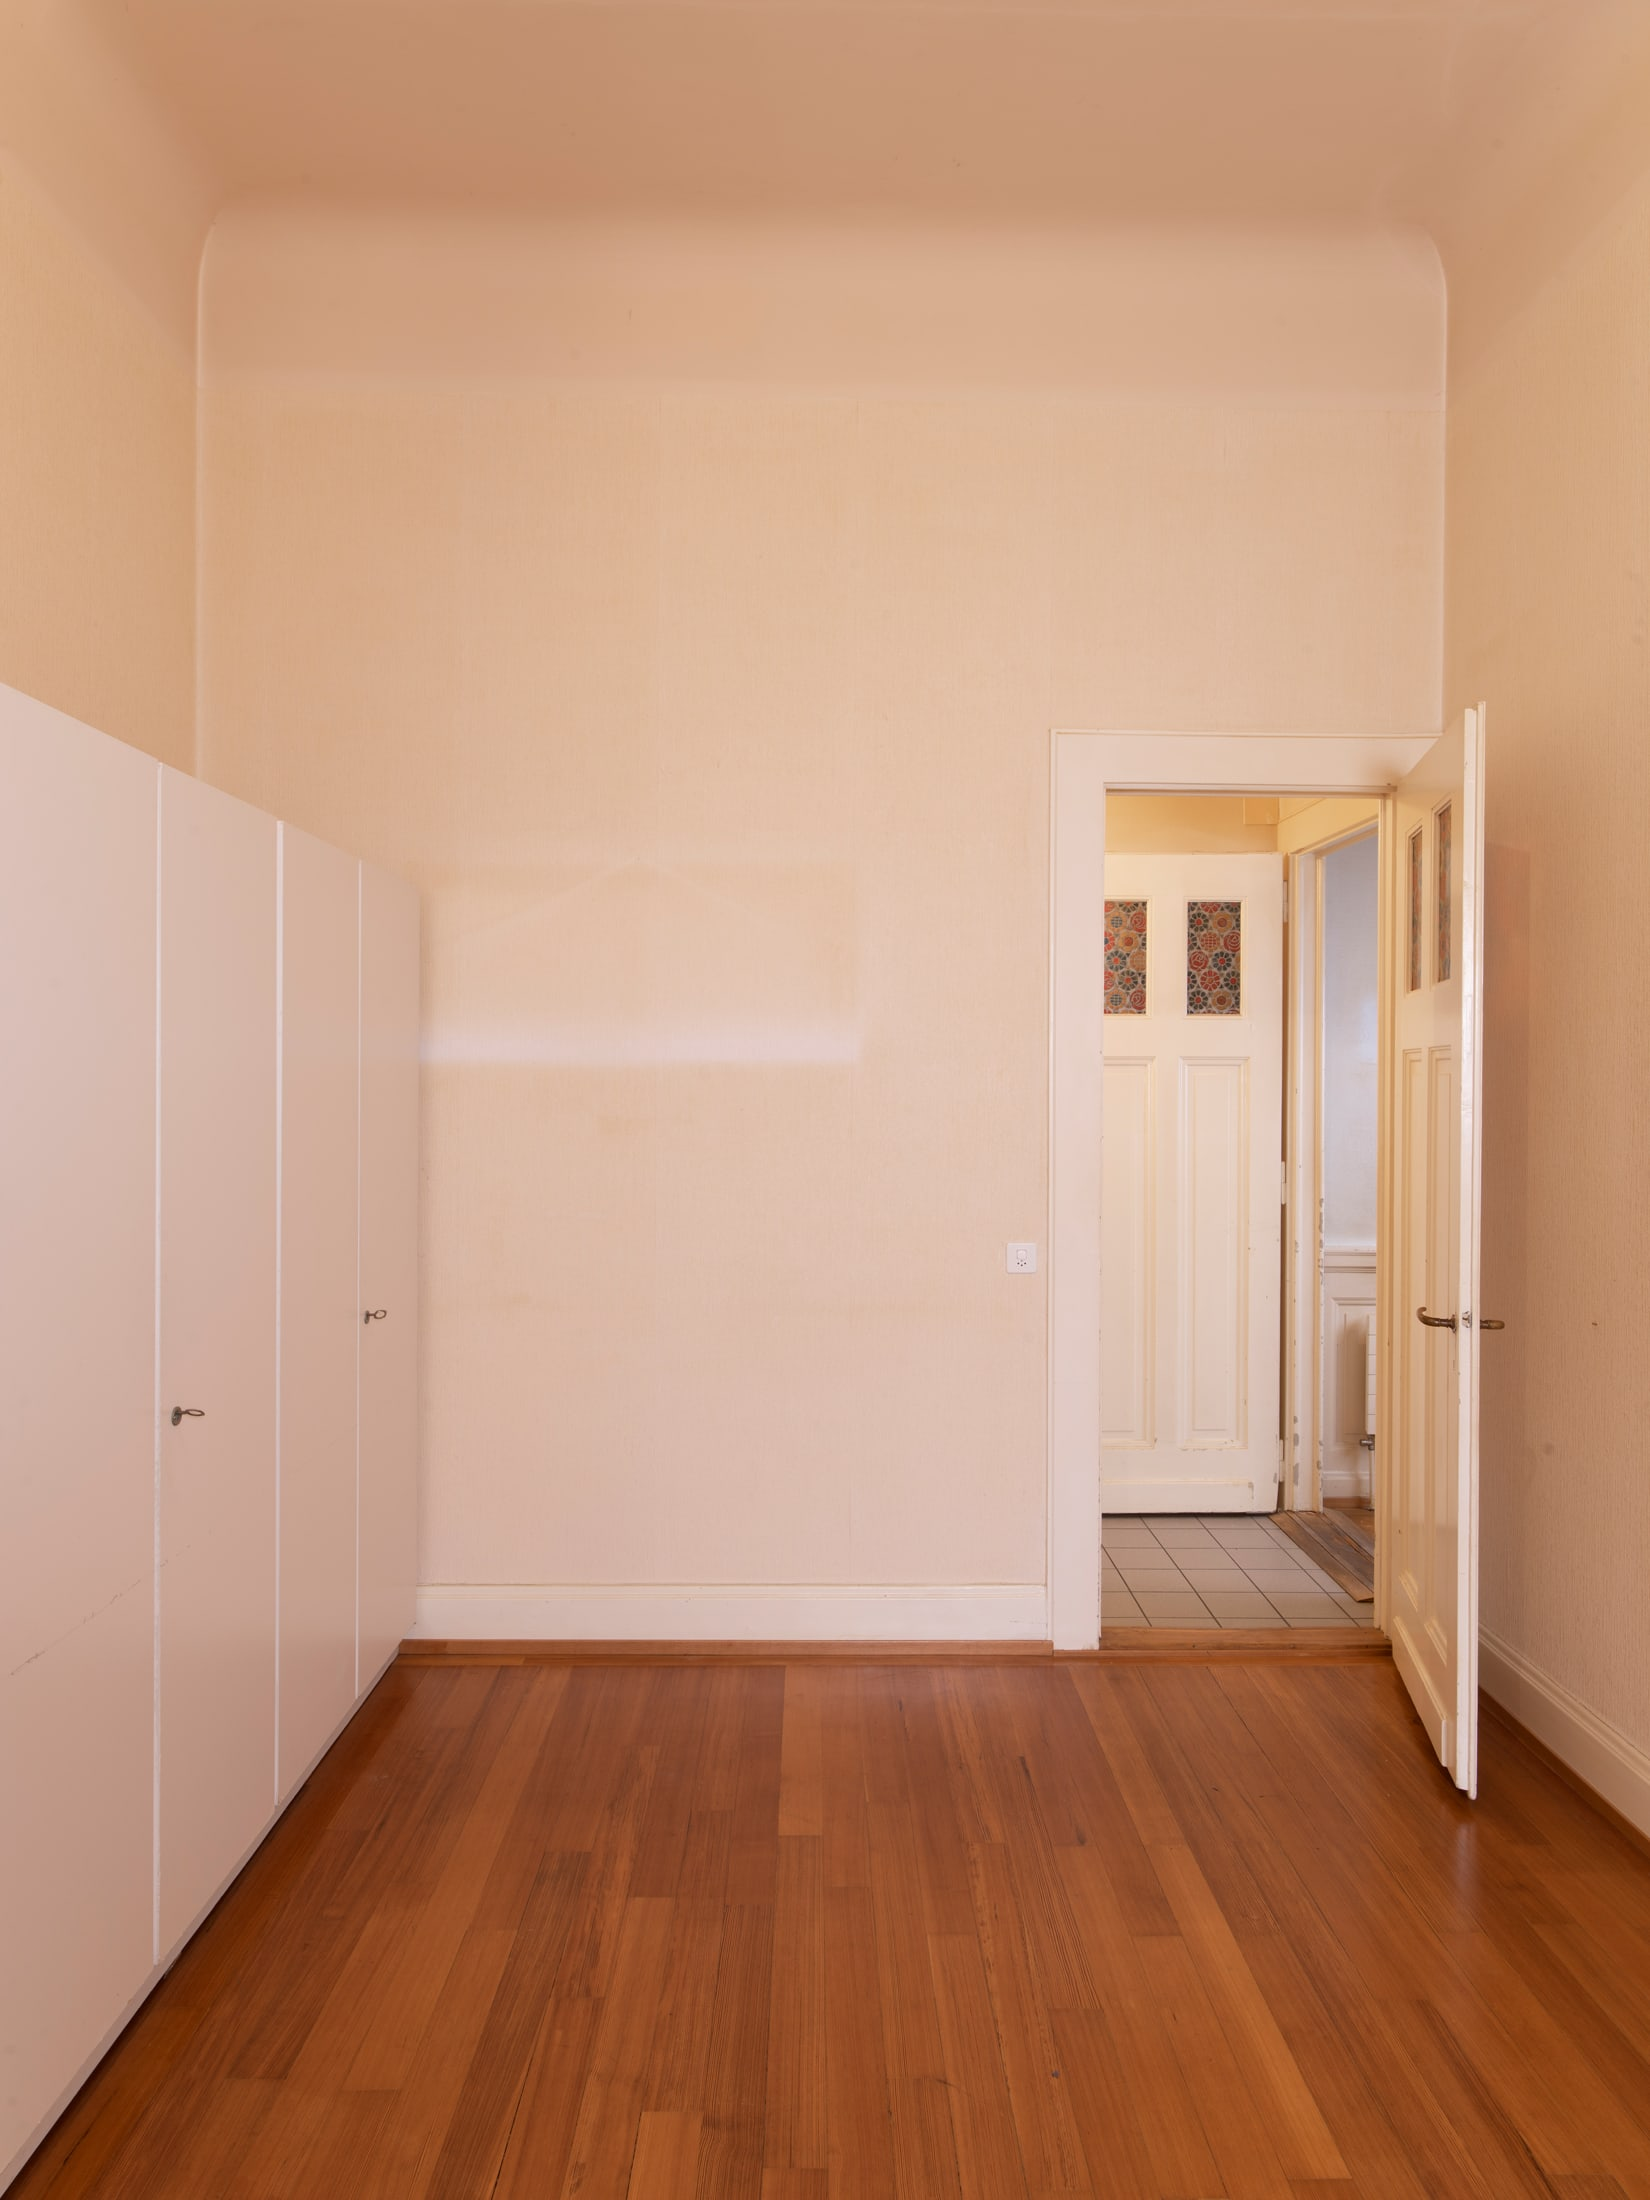 chambre avec porte ouverte et parquet